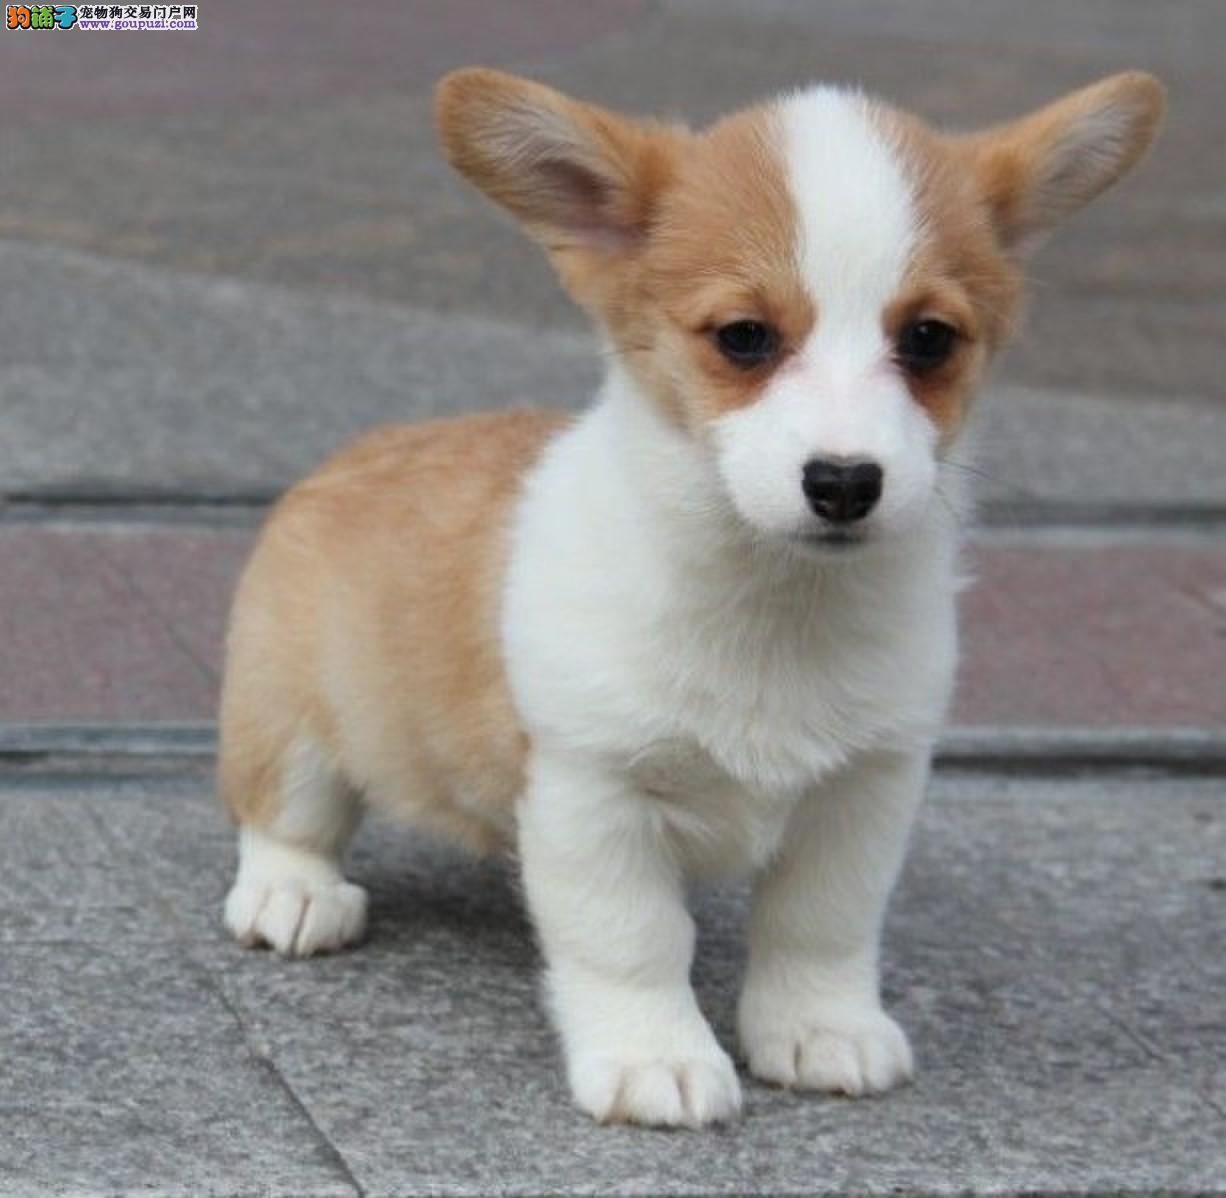 专业狗场出售纯种柯基幼犬,保证健康,可送货上门